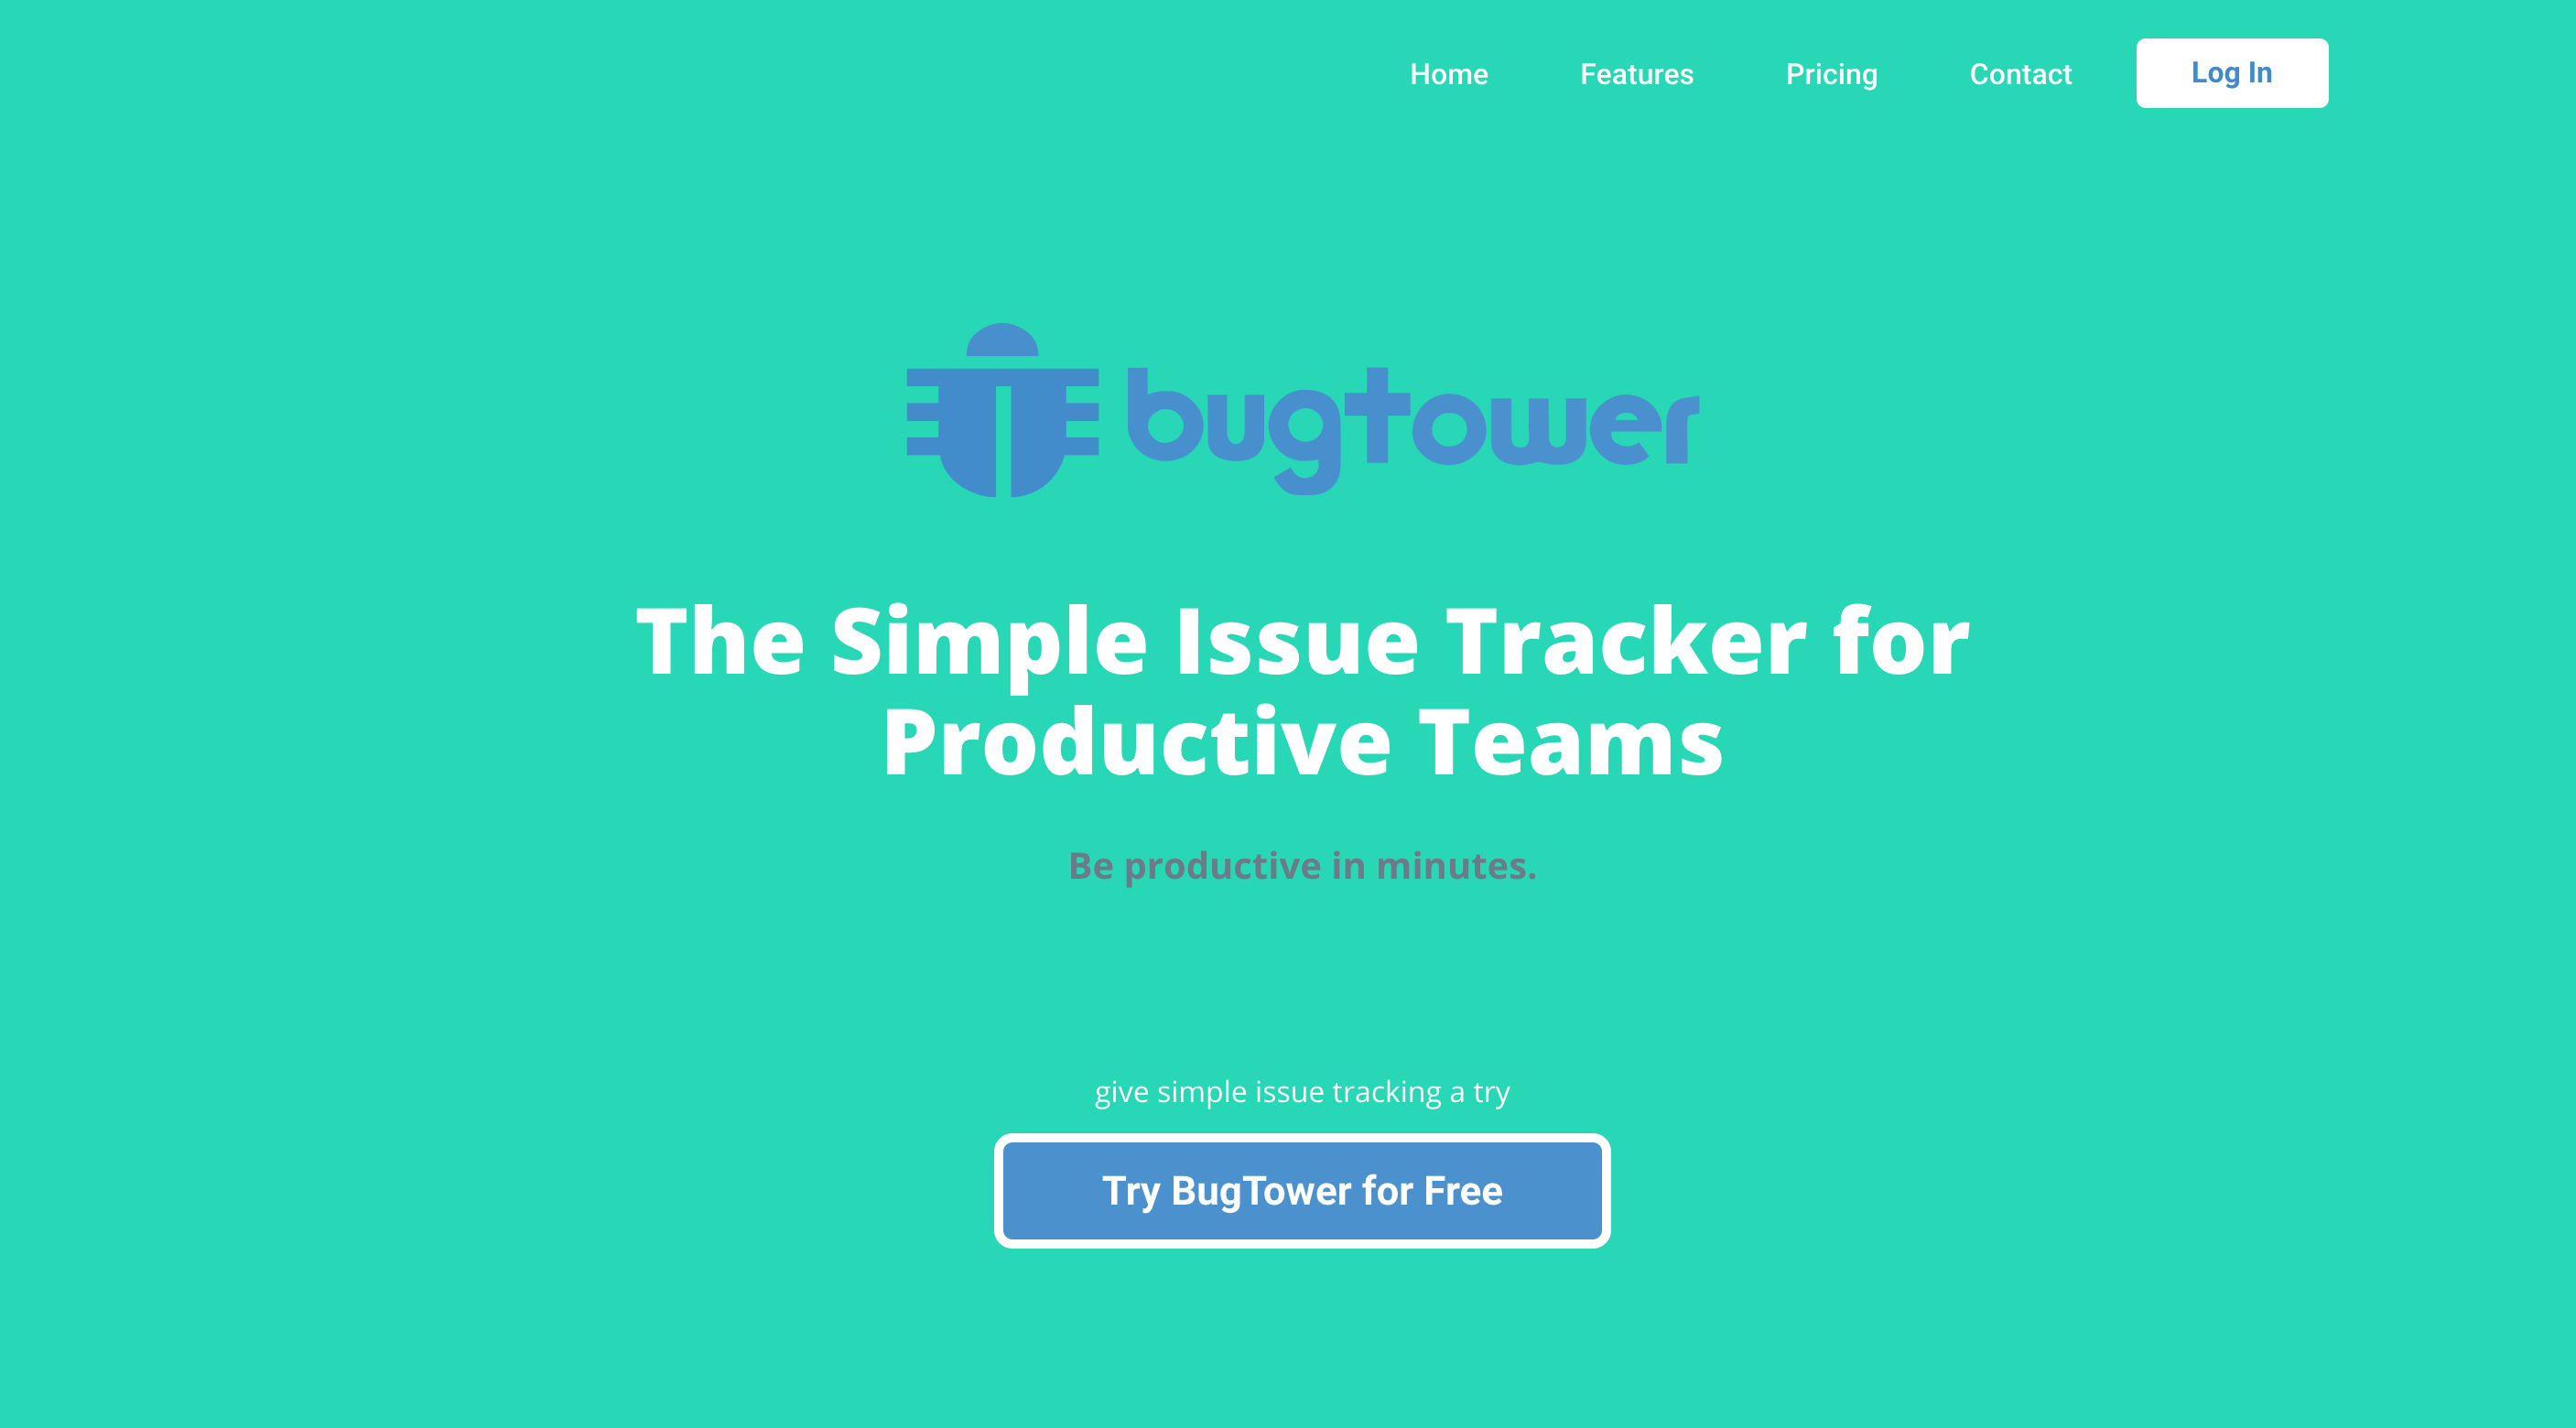 BugTower